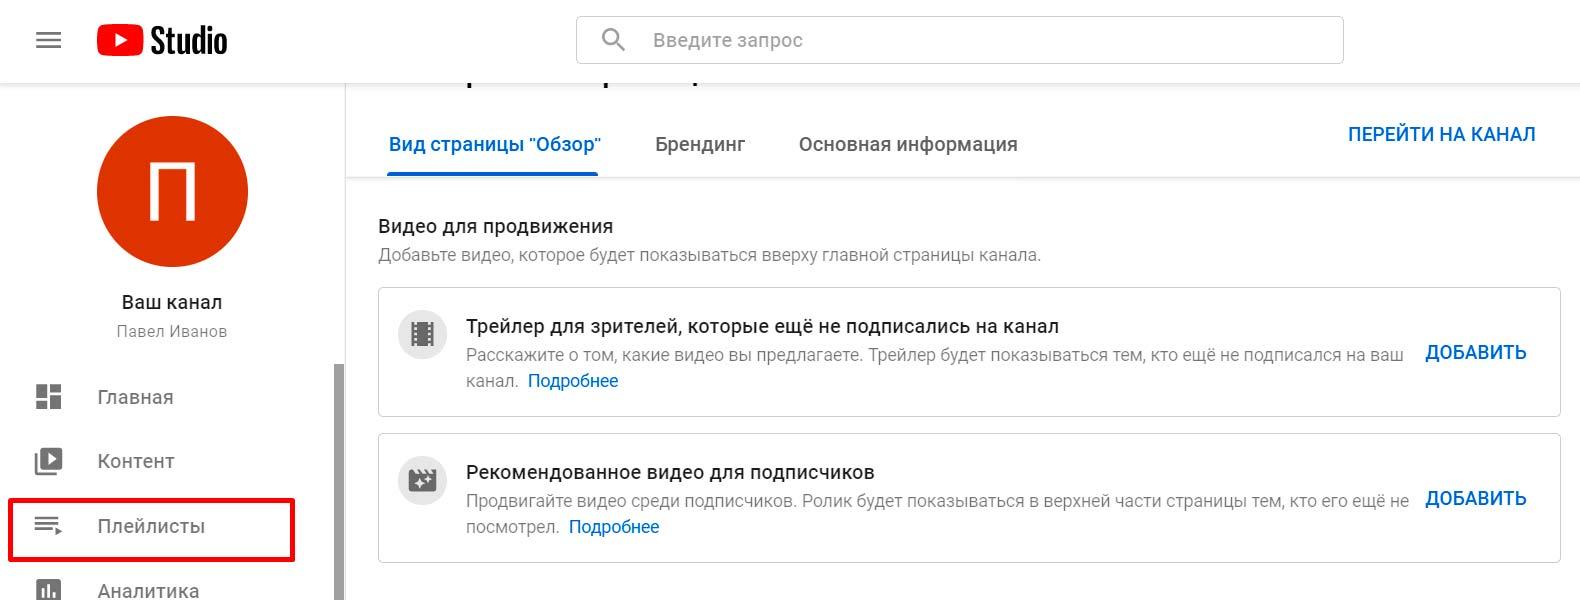 Как создать закрытый канал на Ютубе